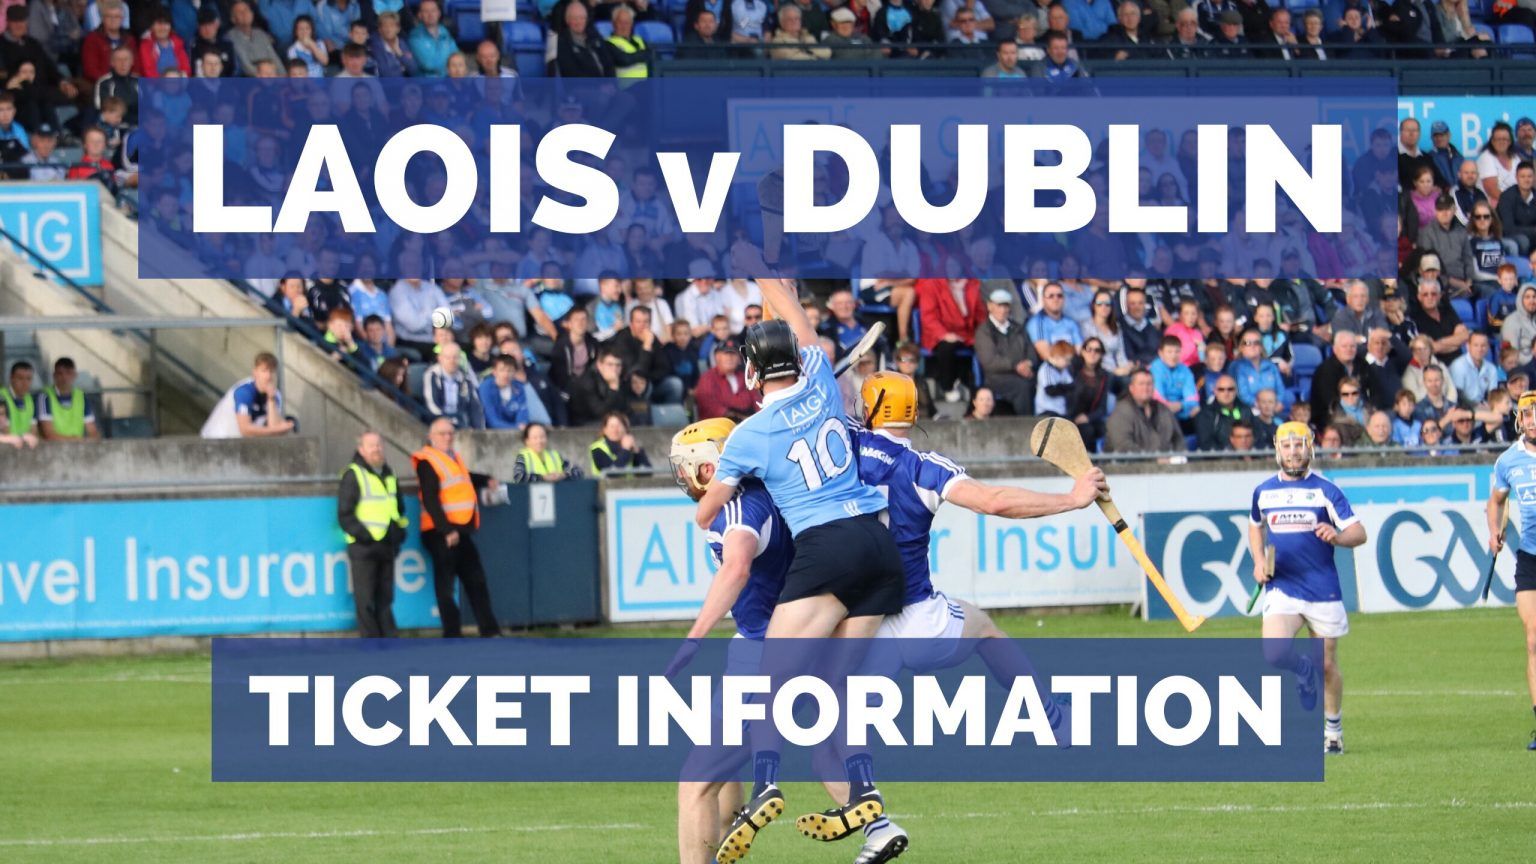 Laois v Dublin Ticket information